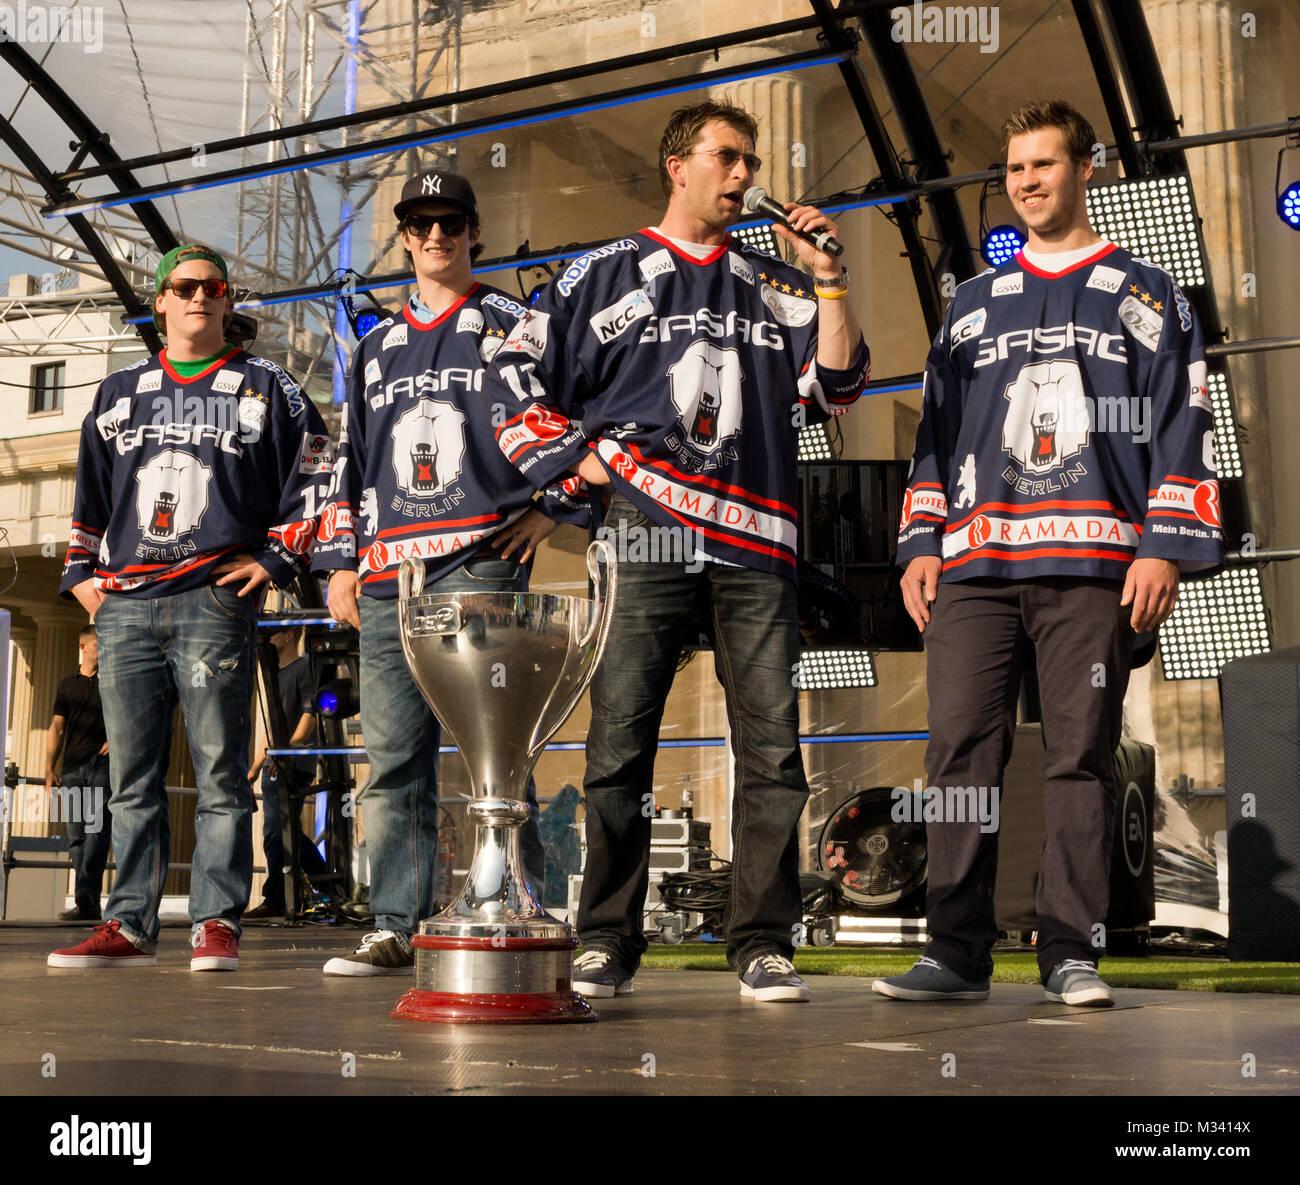 Die Berliner Eisbären mit Pokal auf der Bühne der Fanmeile zur Europameisterschaft 2012 Deutschland gegen Italien am Brandenburger Tor en Berlín. Foto de stock